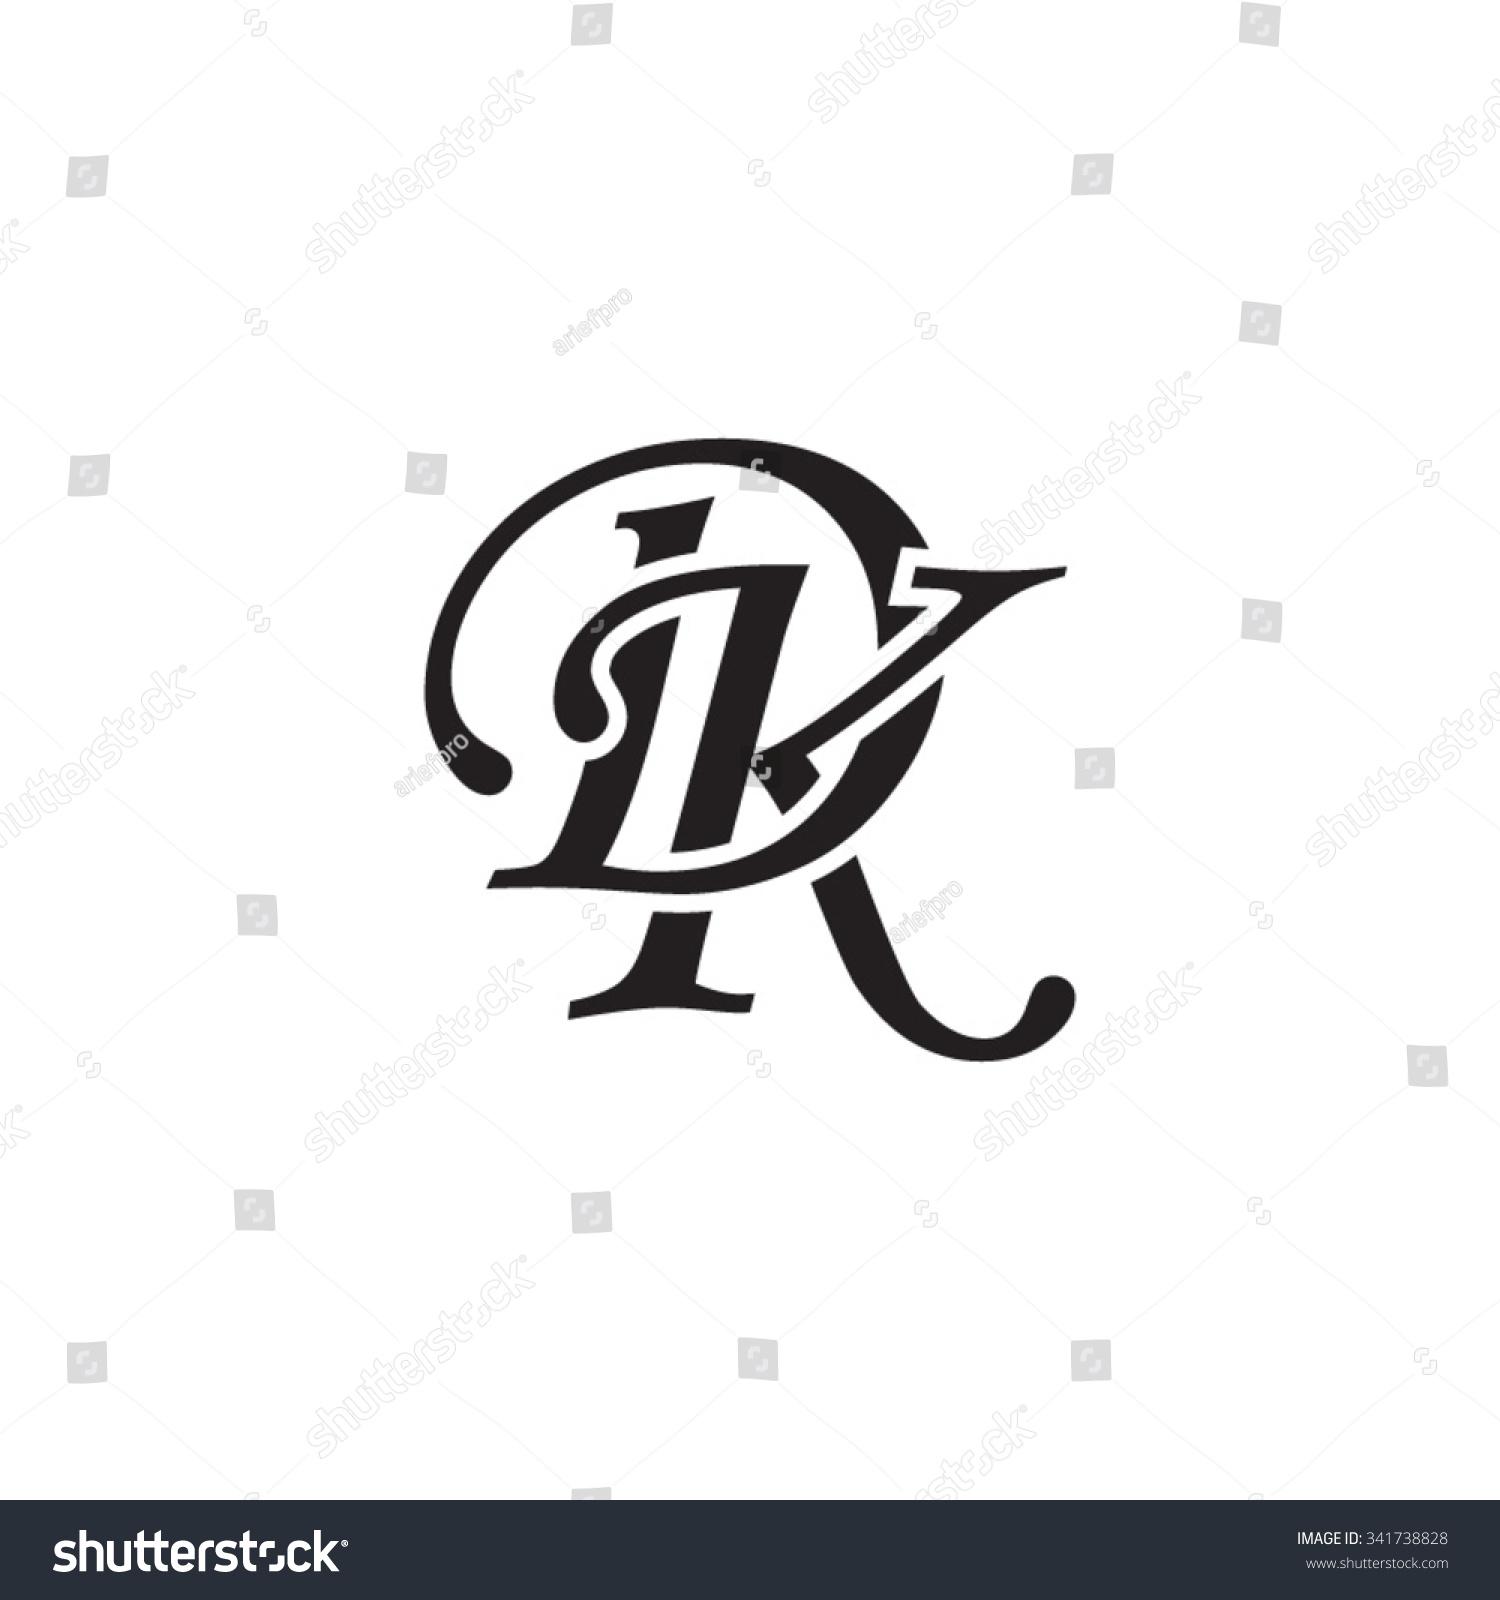 dk initial monogram logo stock vector royalty free 341738828